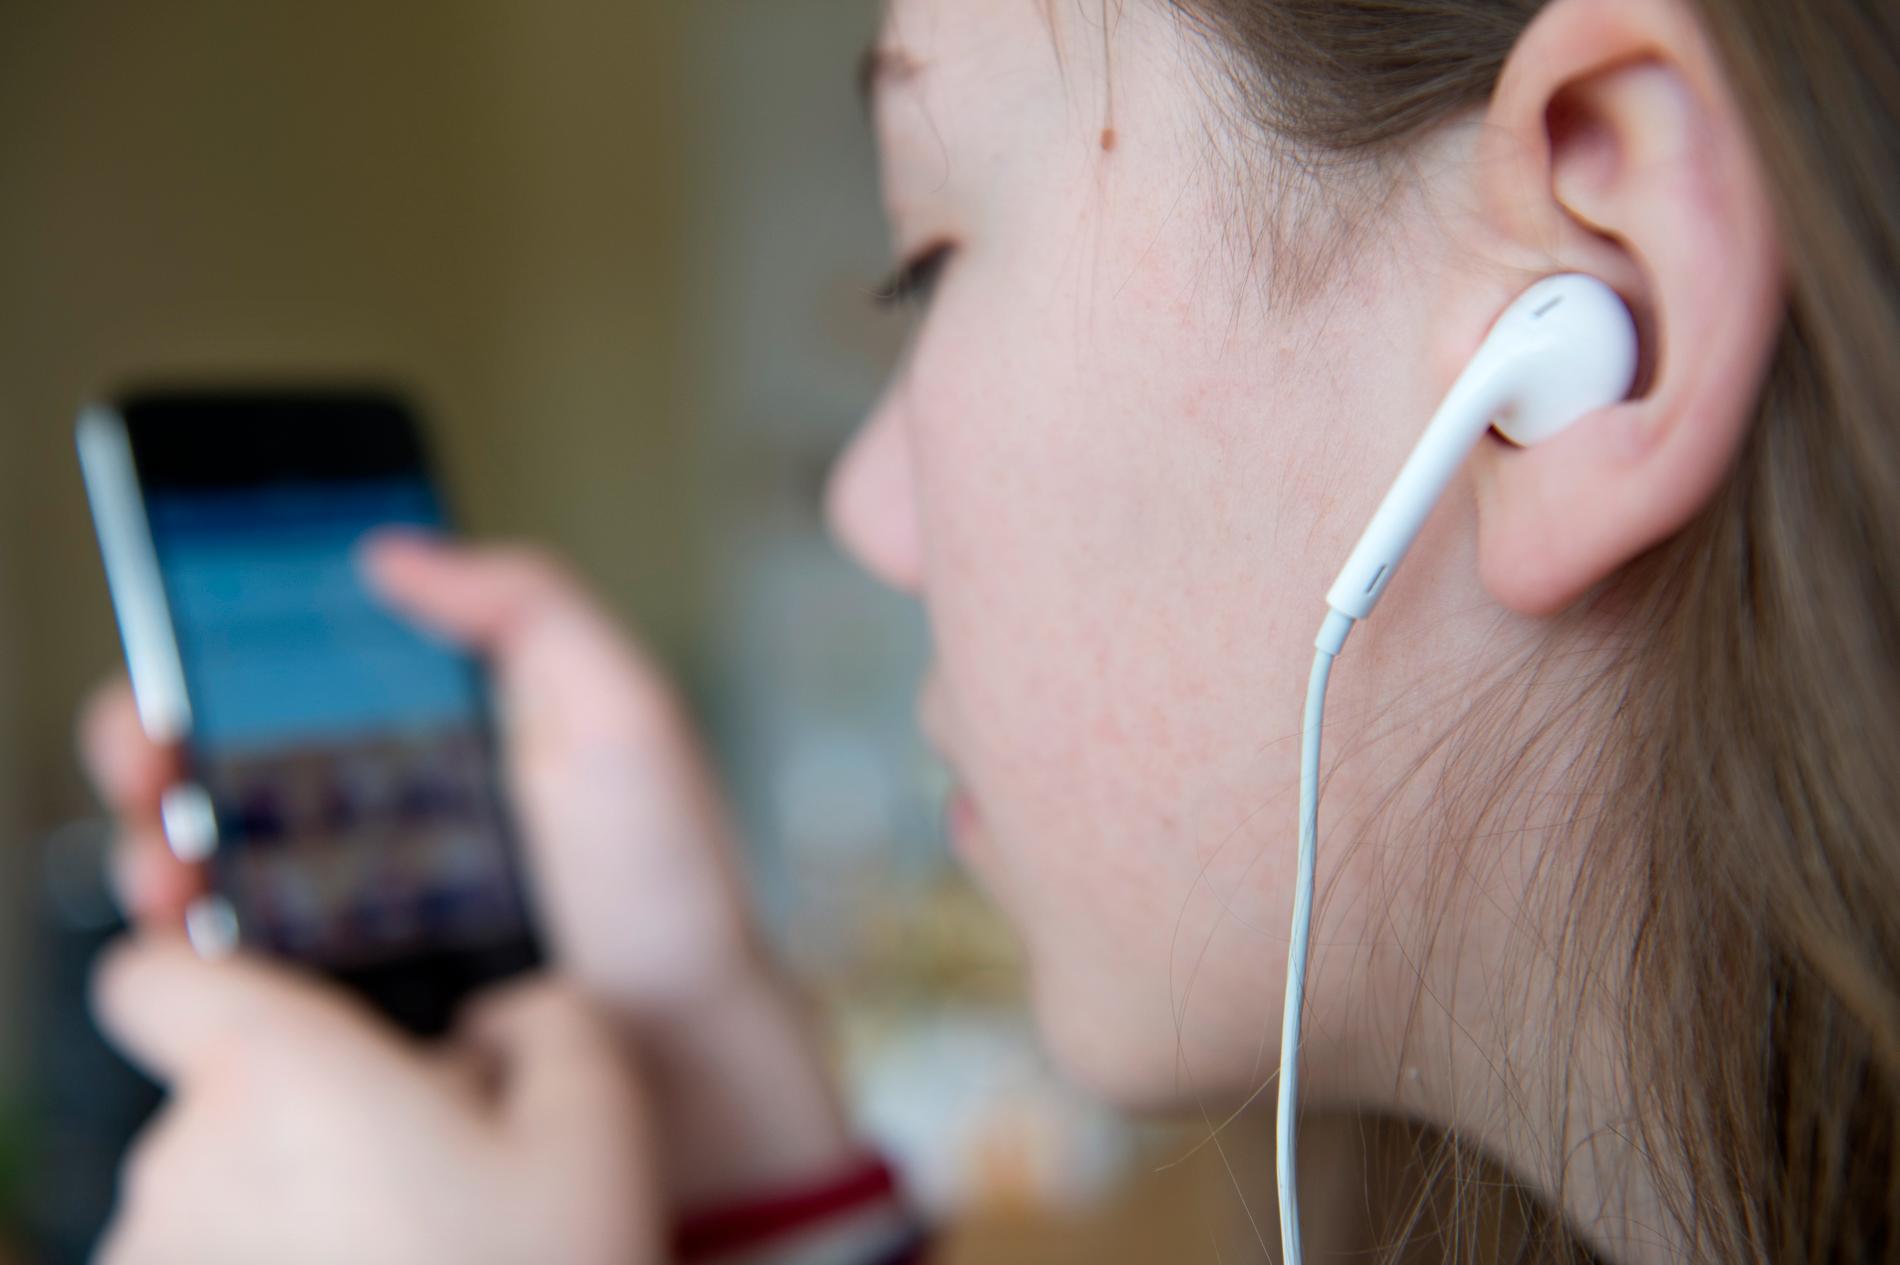 Fler lyssnar på lugn musik och meditationspoddar när social distansering krävs. Arkivbild.